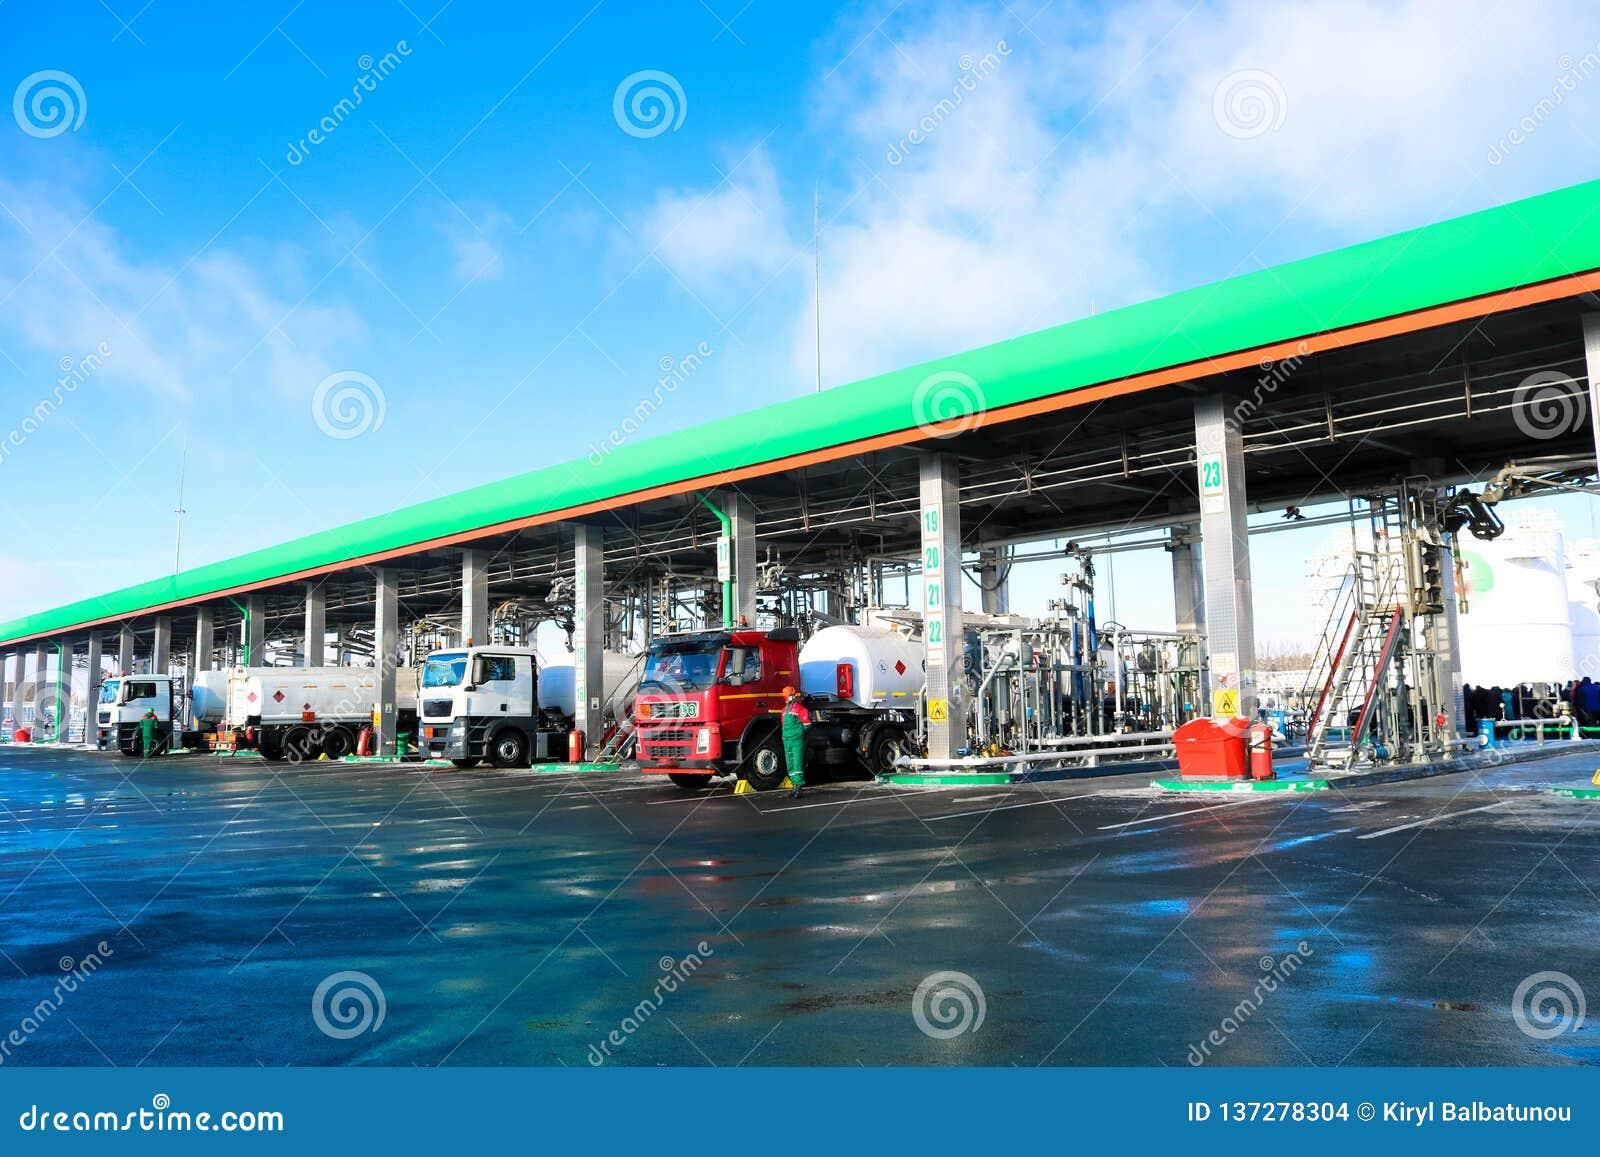 Groot groen industrieel benzinestation voor het bijtanken van voertuigen, vrachtwagens en tanks met brandstof, benzine en diesel